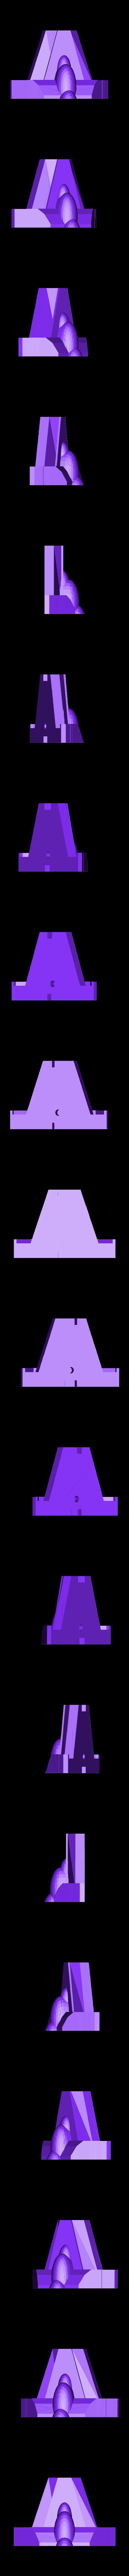 Front_TopBB.stl Télécharger fichier STL gratuit Frégate Nebulon B (coupée et sectionnée) • Modèle pour impression 3D, Masterkookus